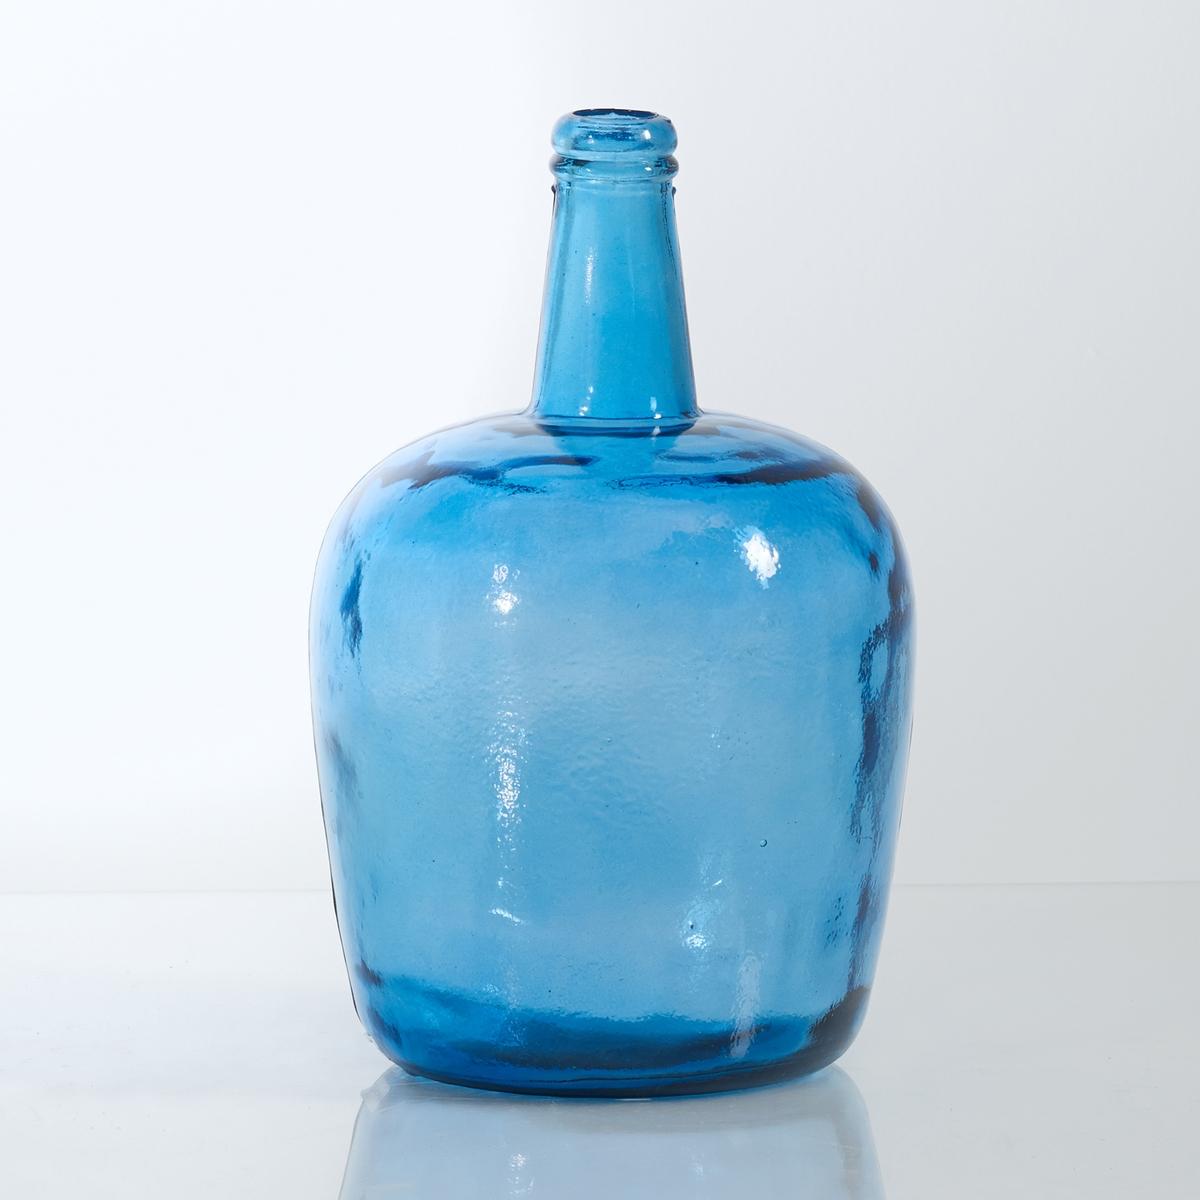 Ваза-бутыль стеклянная, IzoliaВаза-бутыль стеклянная, Izolia. В духе старинной оплетенной бутыли, эти вазы привнесут в ваш интерьер очень модный винтажный стиль!Характеристики вазы-бутыли Izolia :Стекло с возможностью повторного использования Бутыль из выдуваемого стекла Izolia Всю коллекцию Izolia ищите на сайте laredoute.ruРазмеры вазы-бутыли Izolia :ОбщиеДиаметр : 23,5 см.Высота : 36,5 см.<br><br>Цвет: бирюзовый